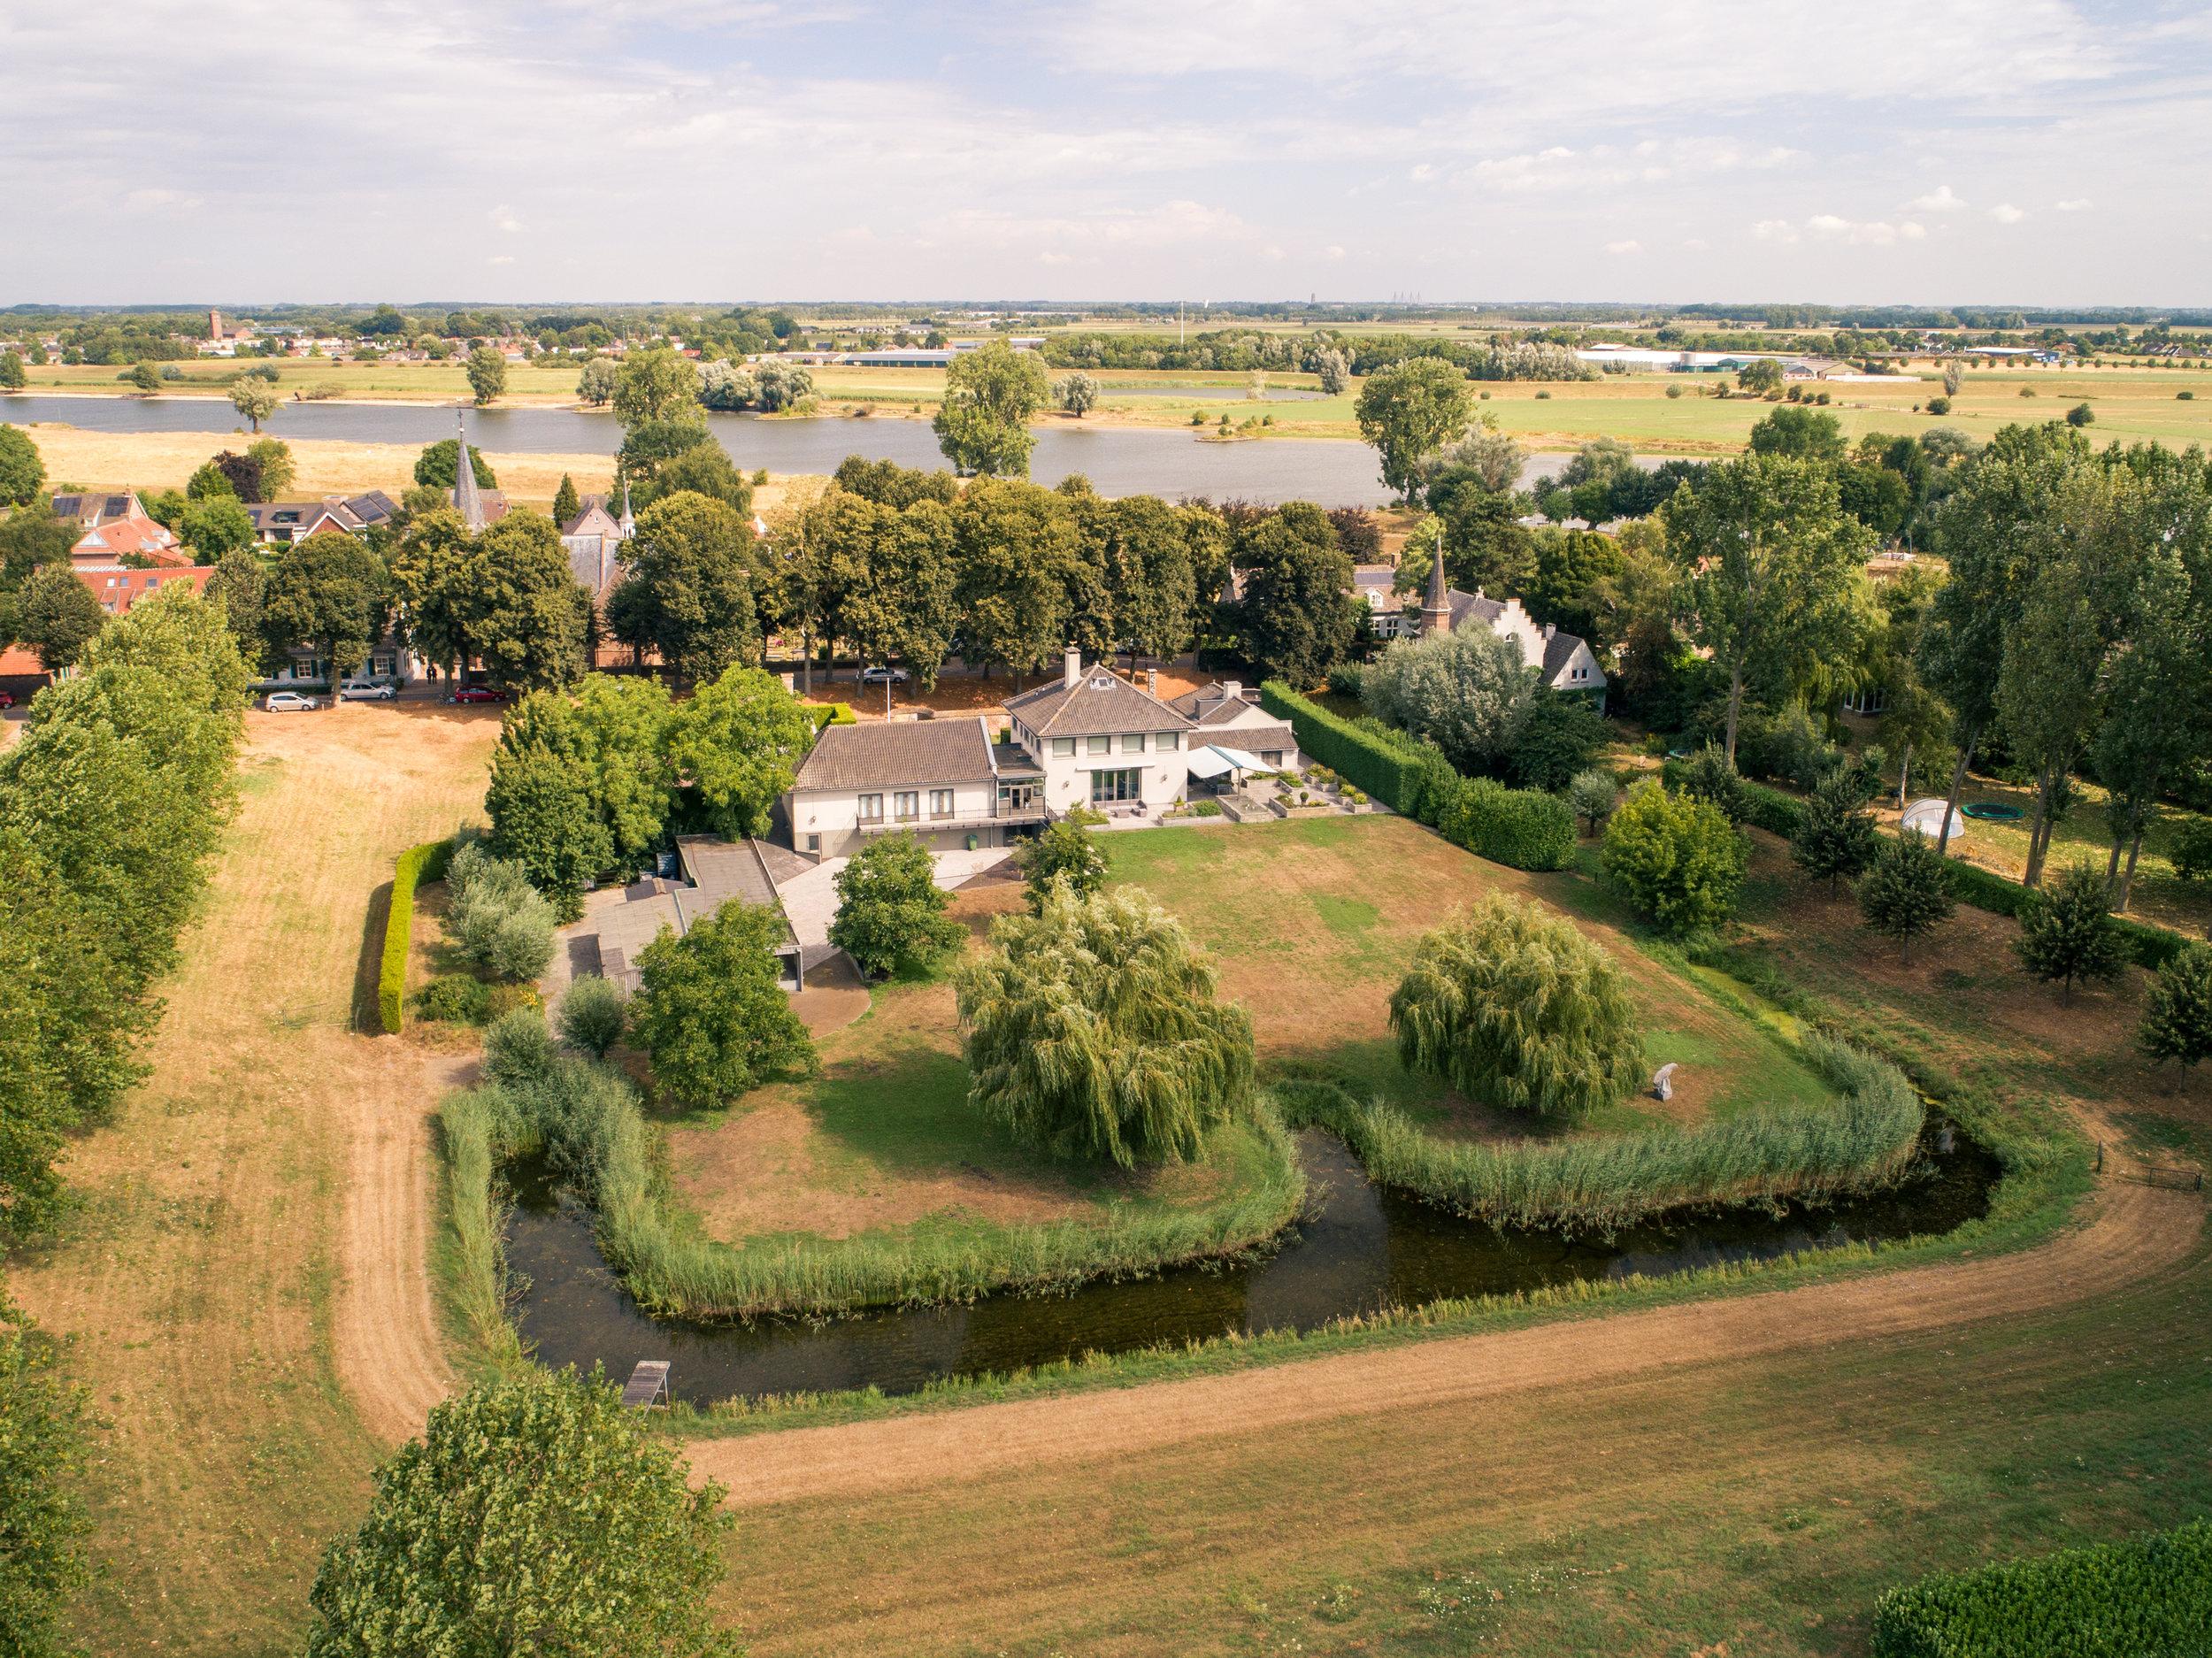 Drone-Vastgoed-Den-Bosch-5.jpg